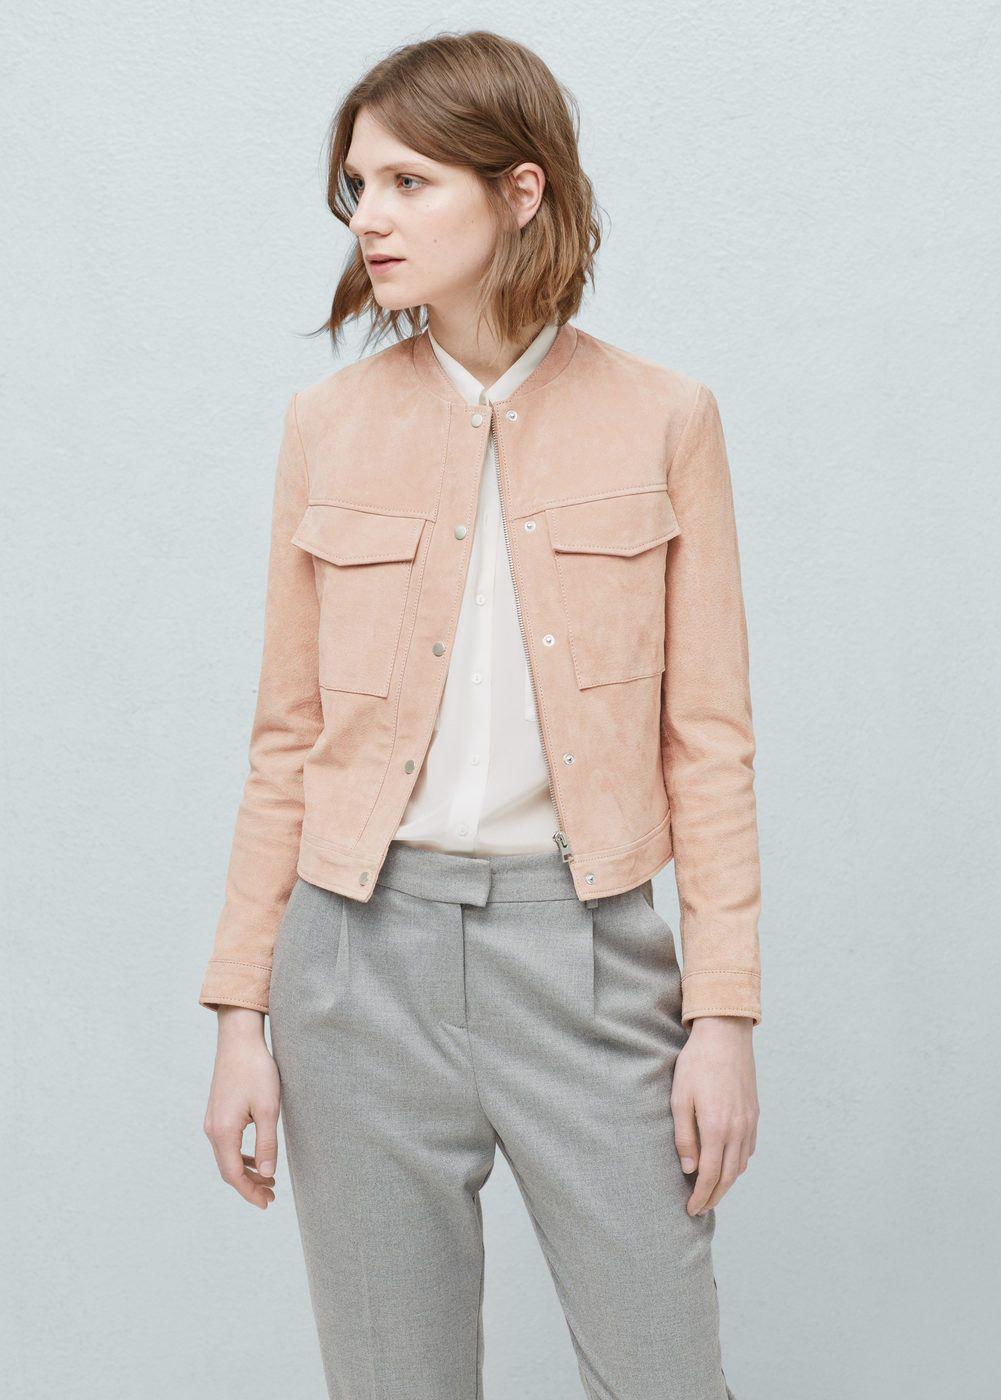 7e32e8c05 Blouson daim poches - Femme en 2019 | De la tête aux pieds | Blouson ...